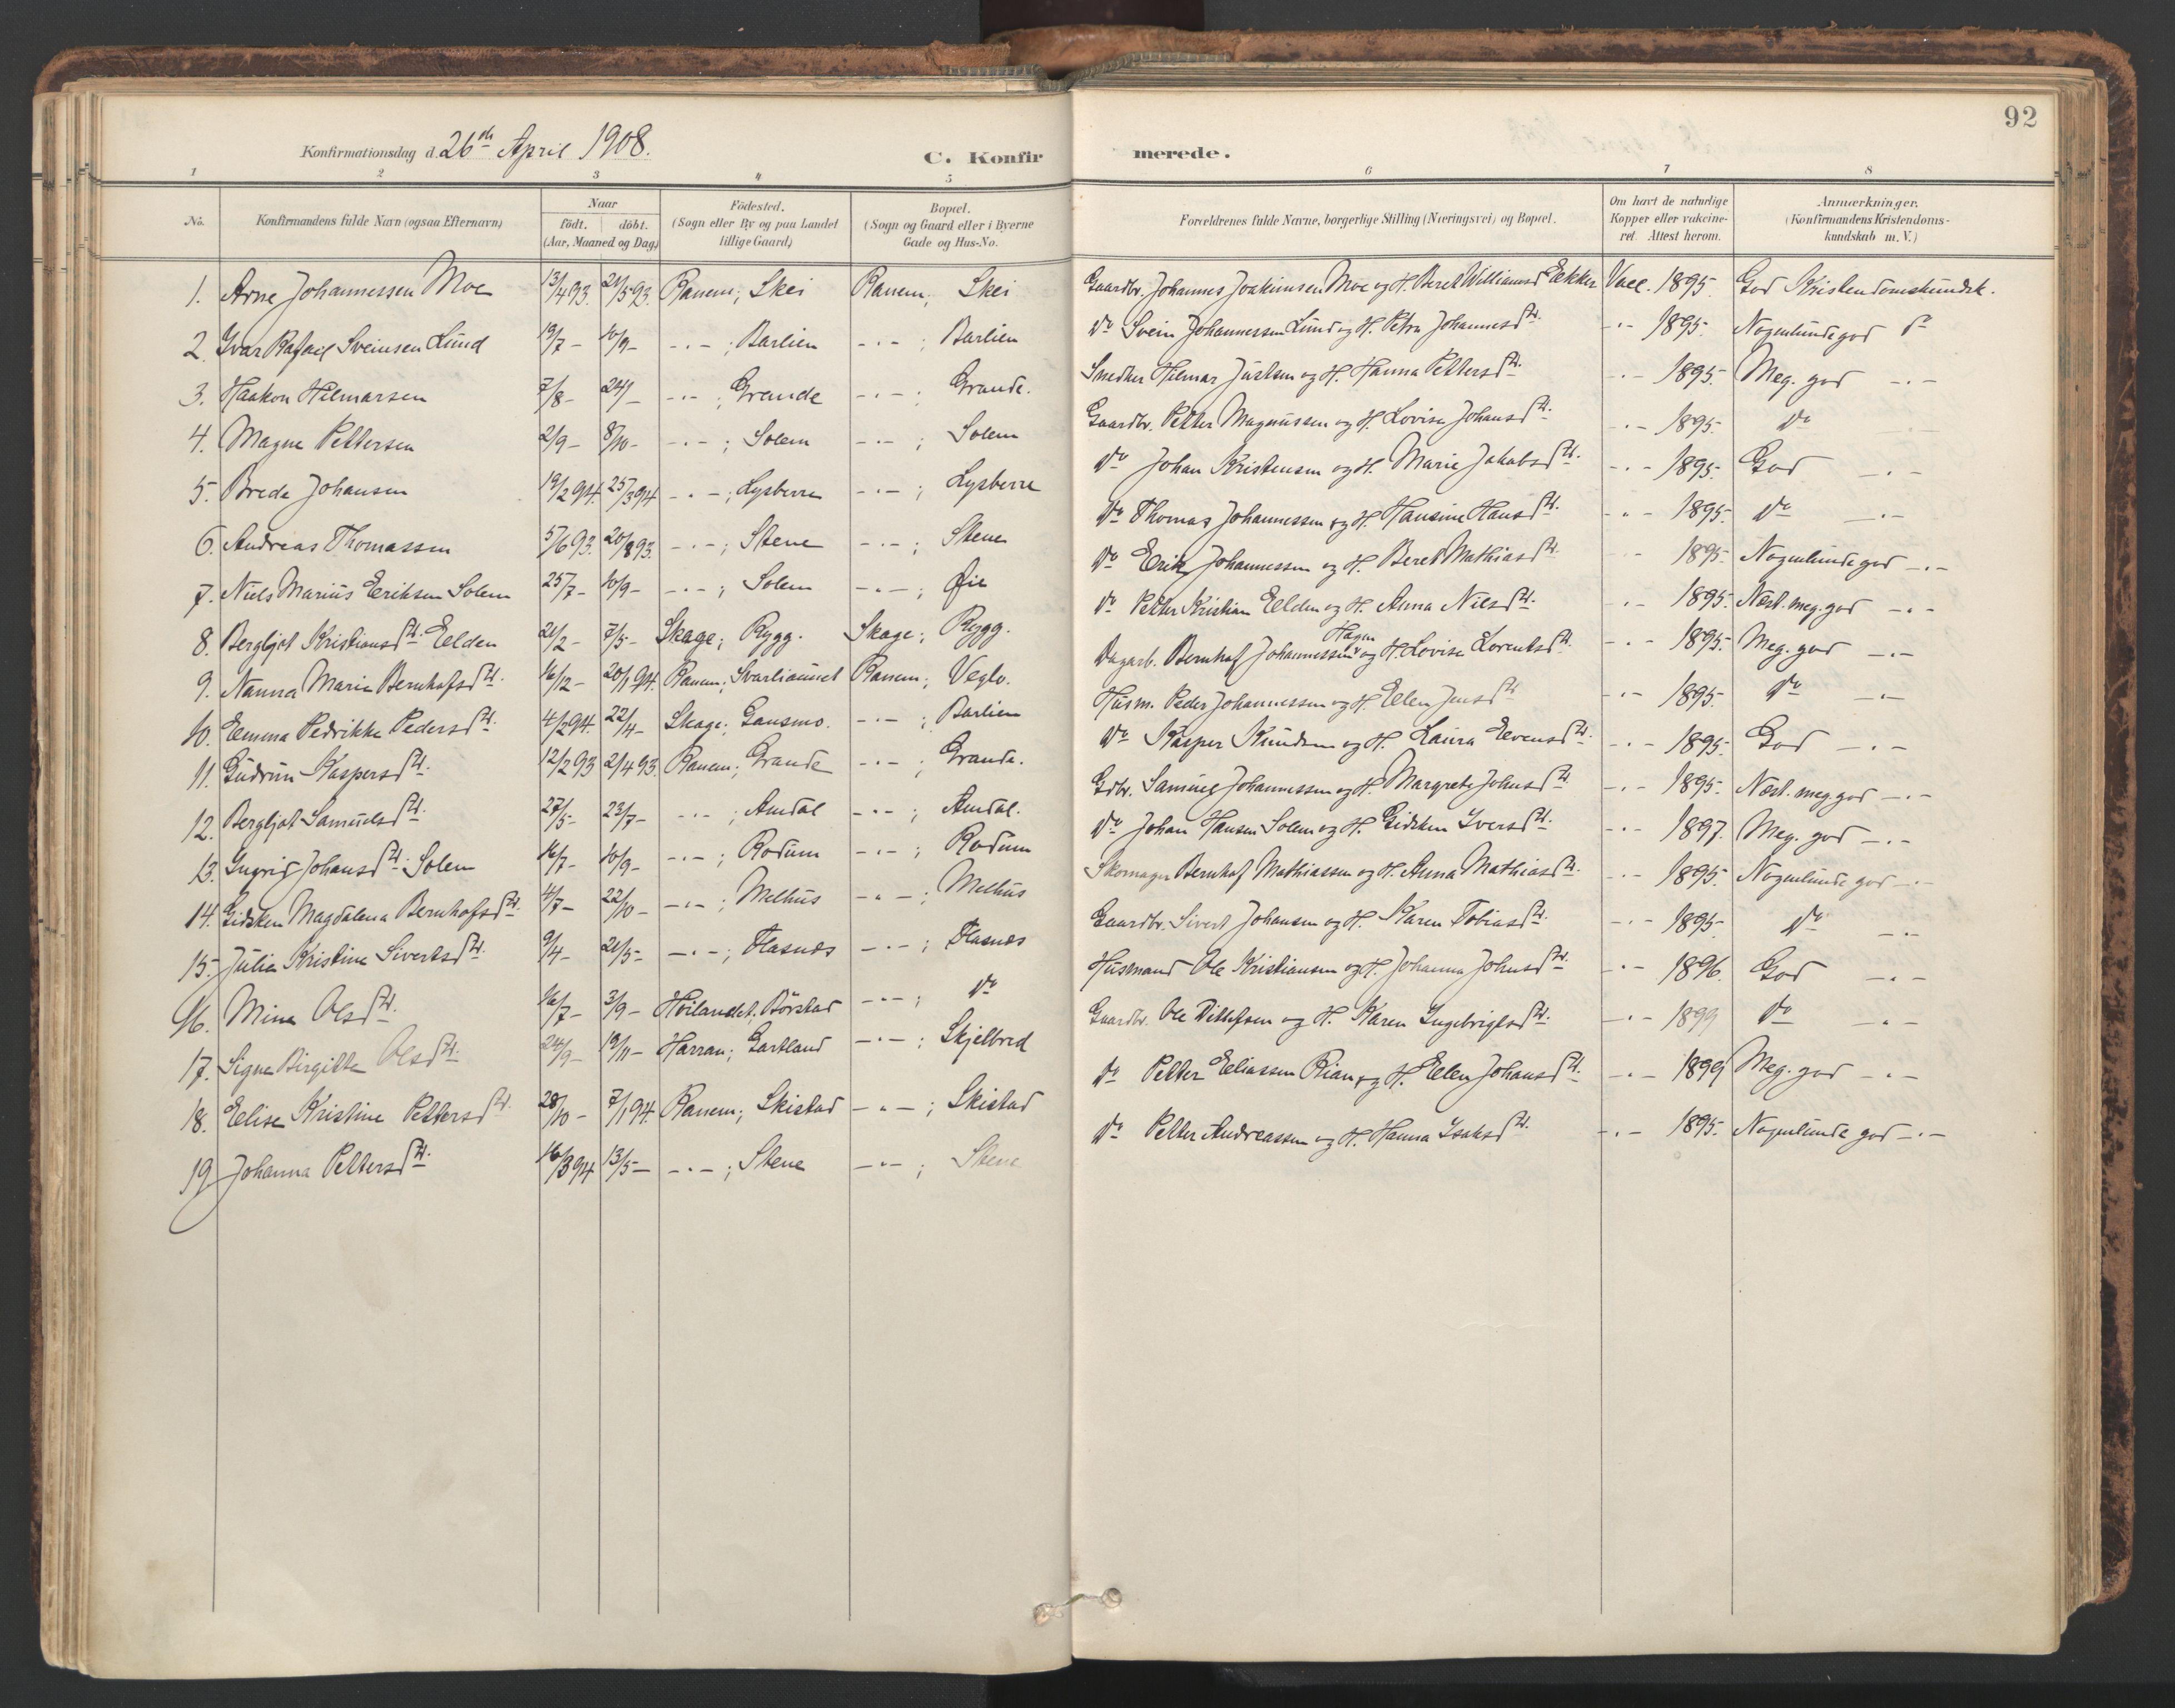 SAT, Ministerialprotokoller, klokkerbøker og fødselsregistre - Nord-Trøndelag, 764/L0556: Ministerialbok nr. 764A11, 1897-1924, s. 92